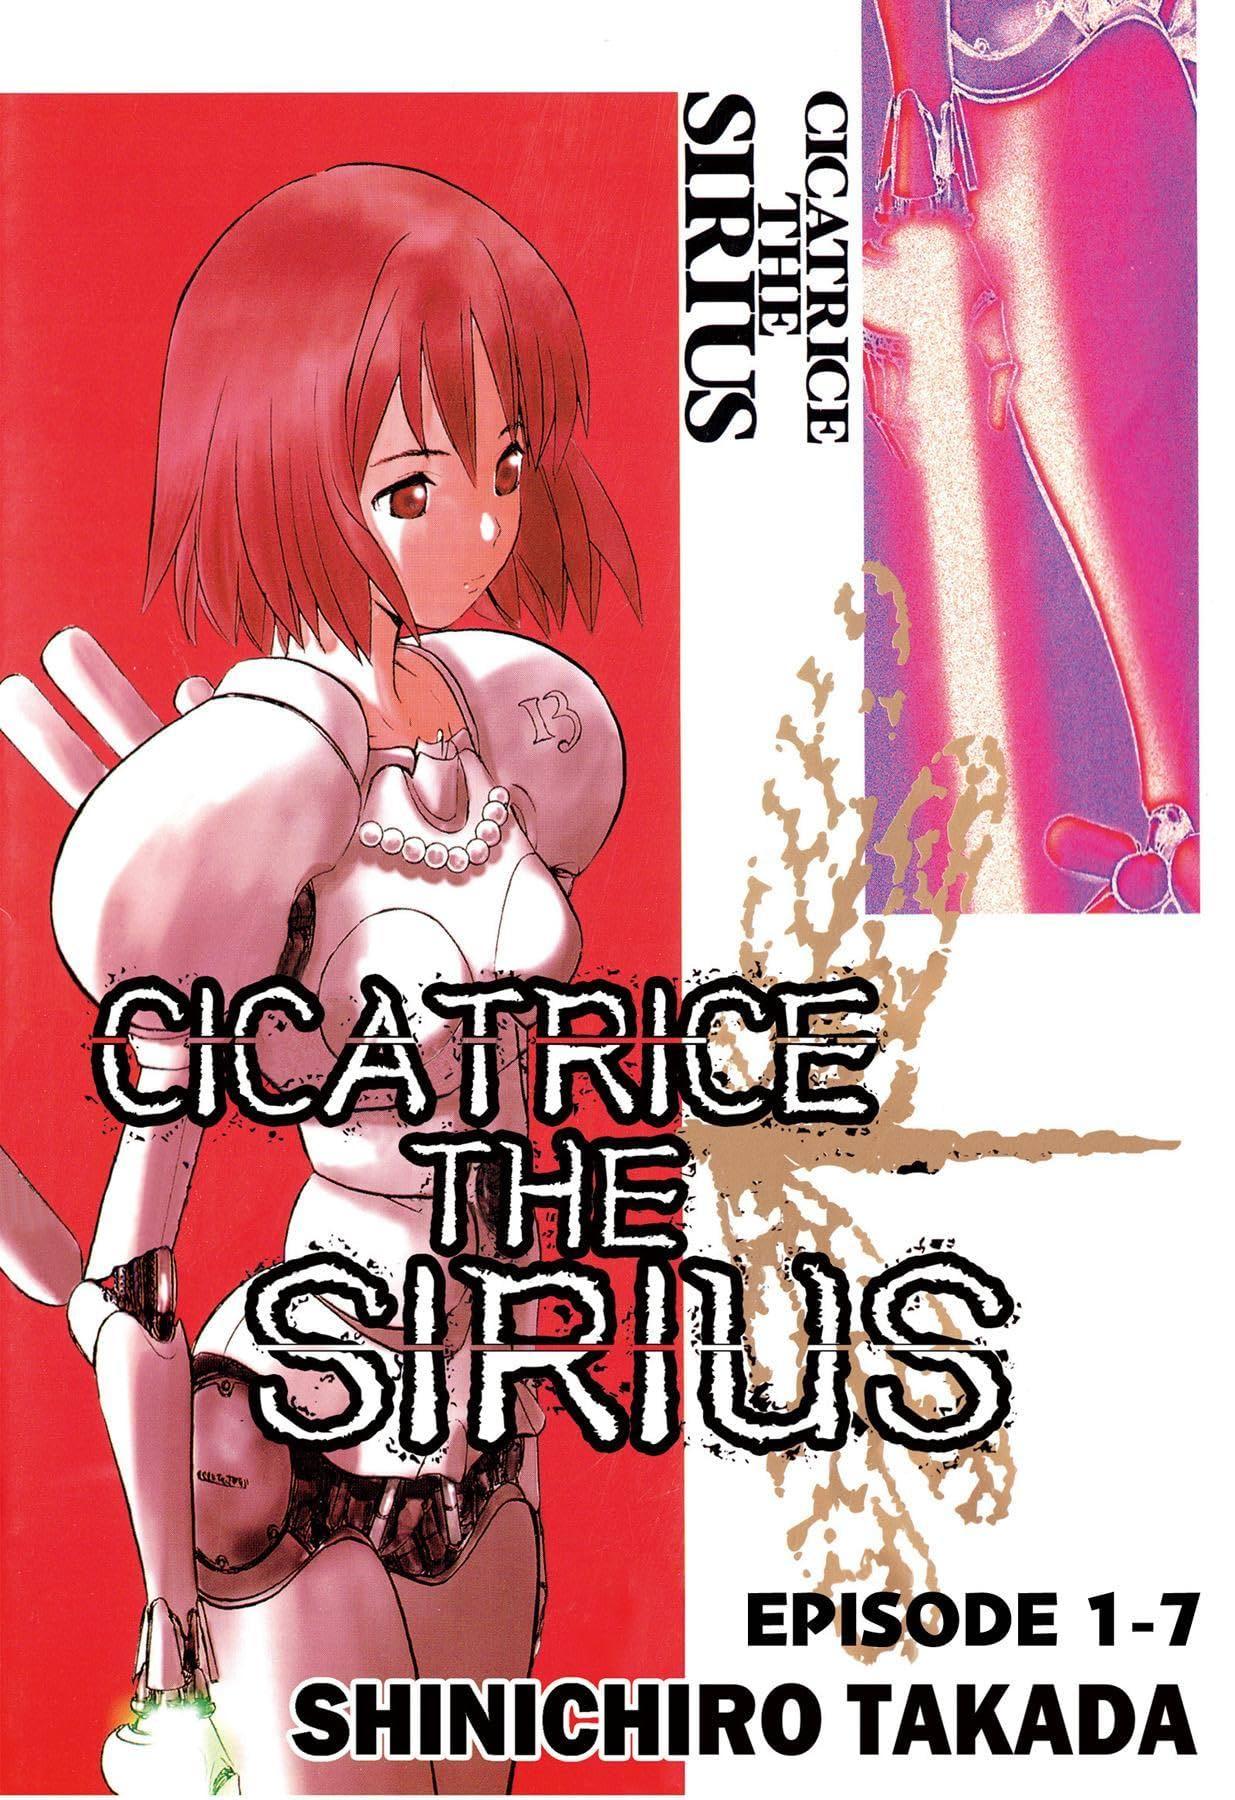 CICATRICE THE SIRIUS #7